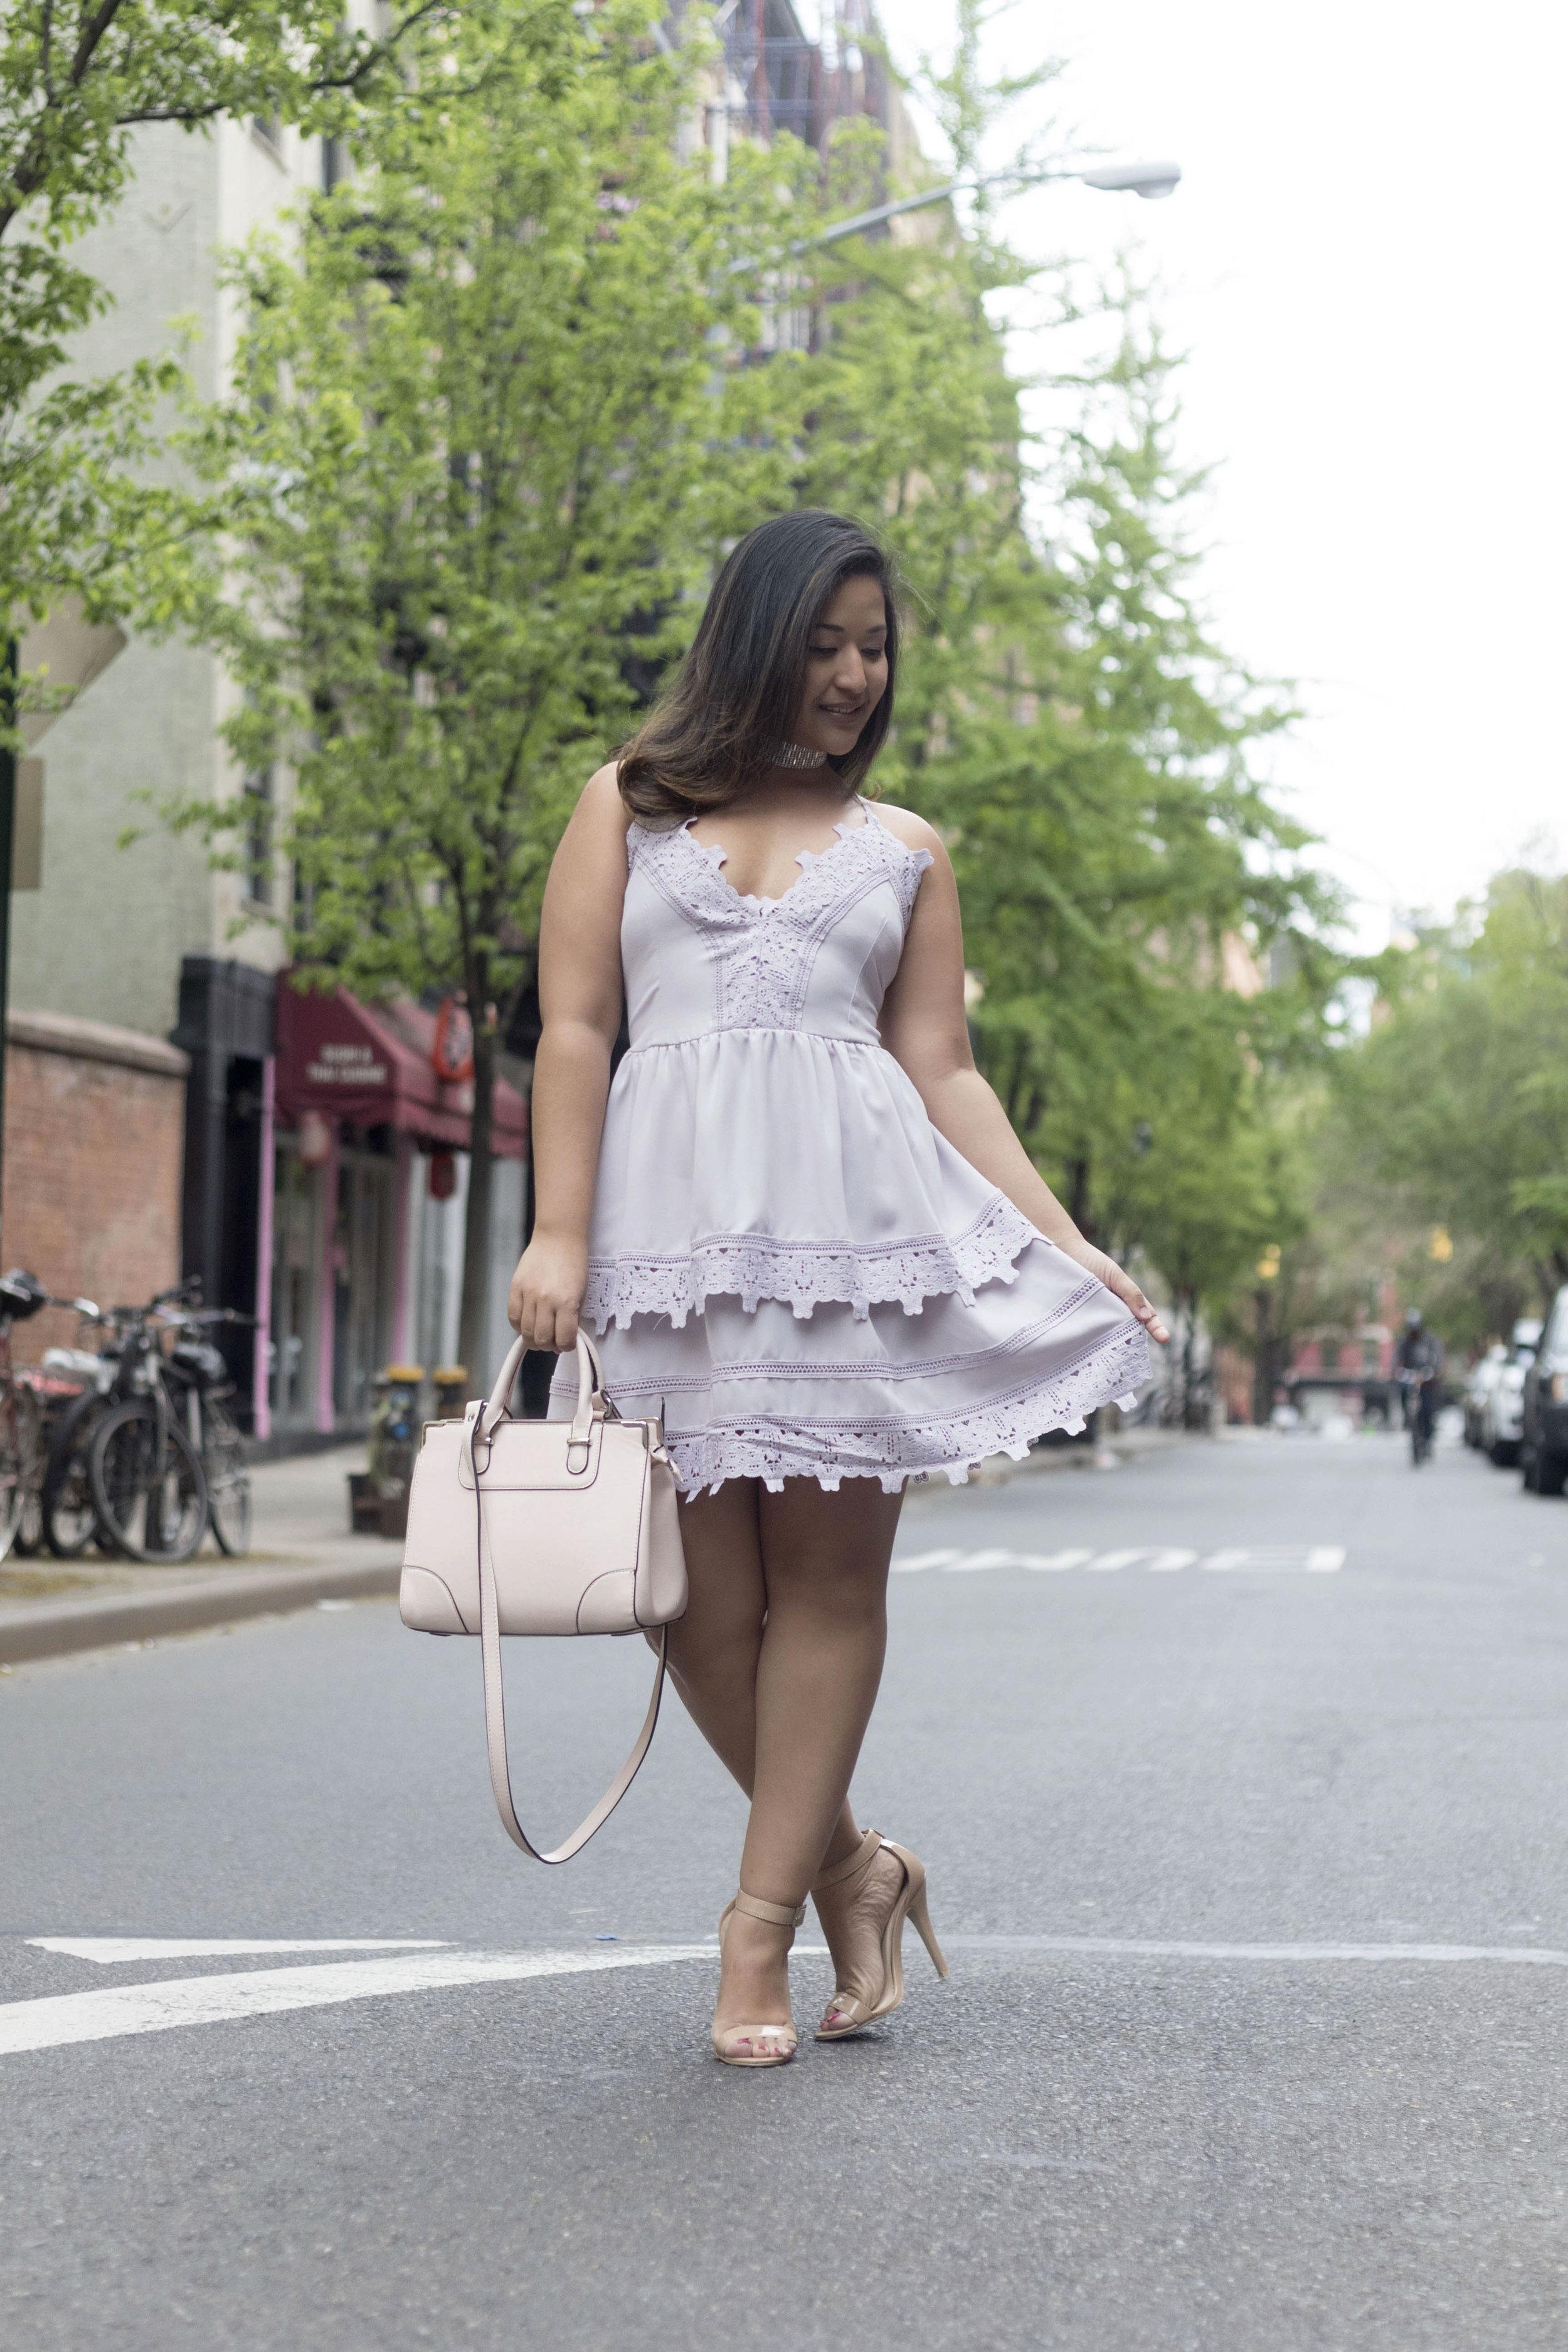 Krity S x Tobi x Lavender Lace Dress